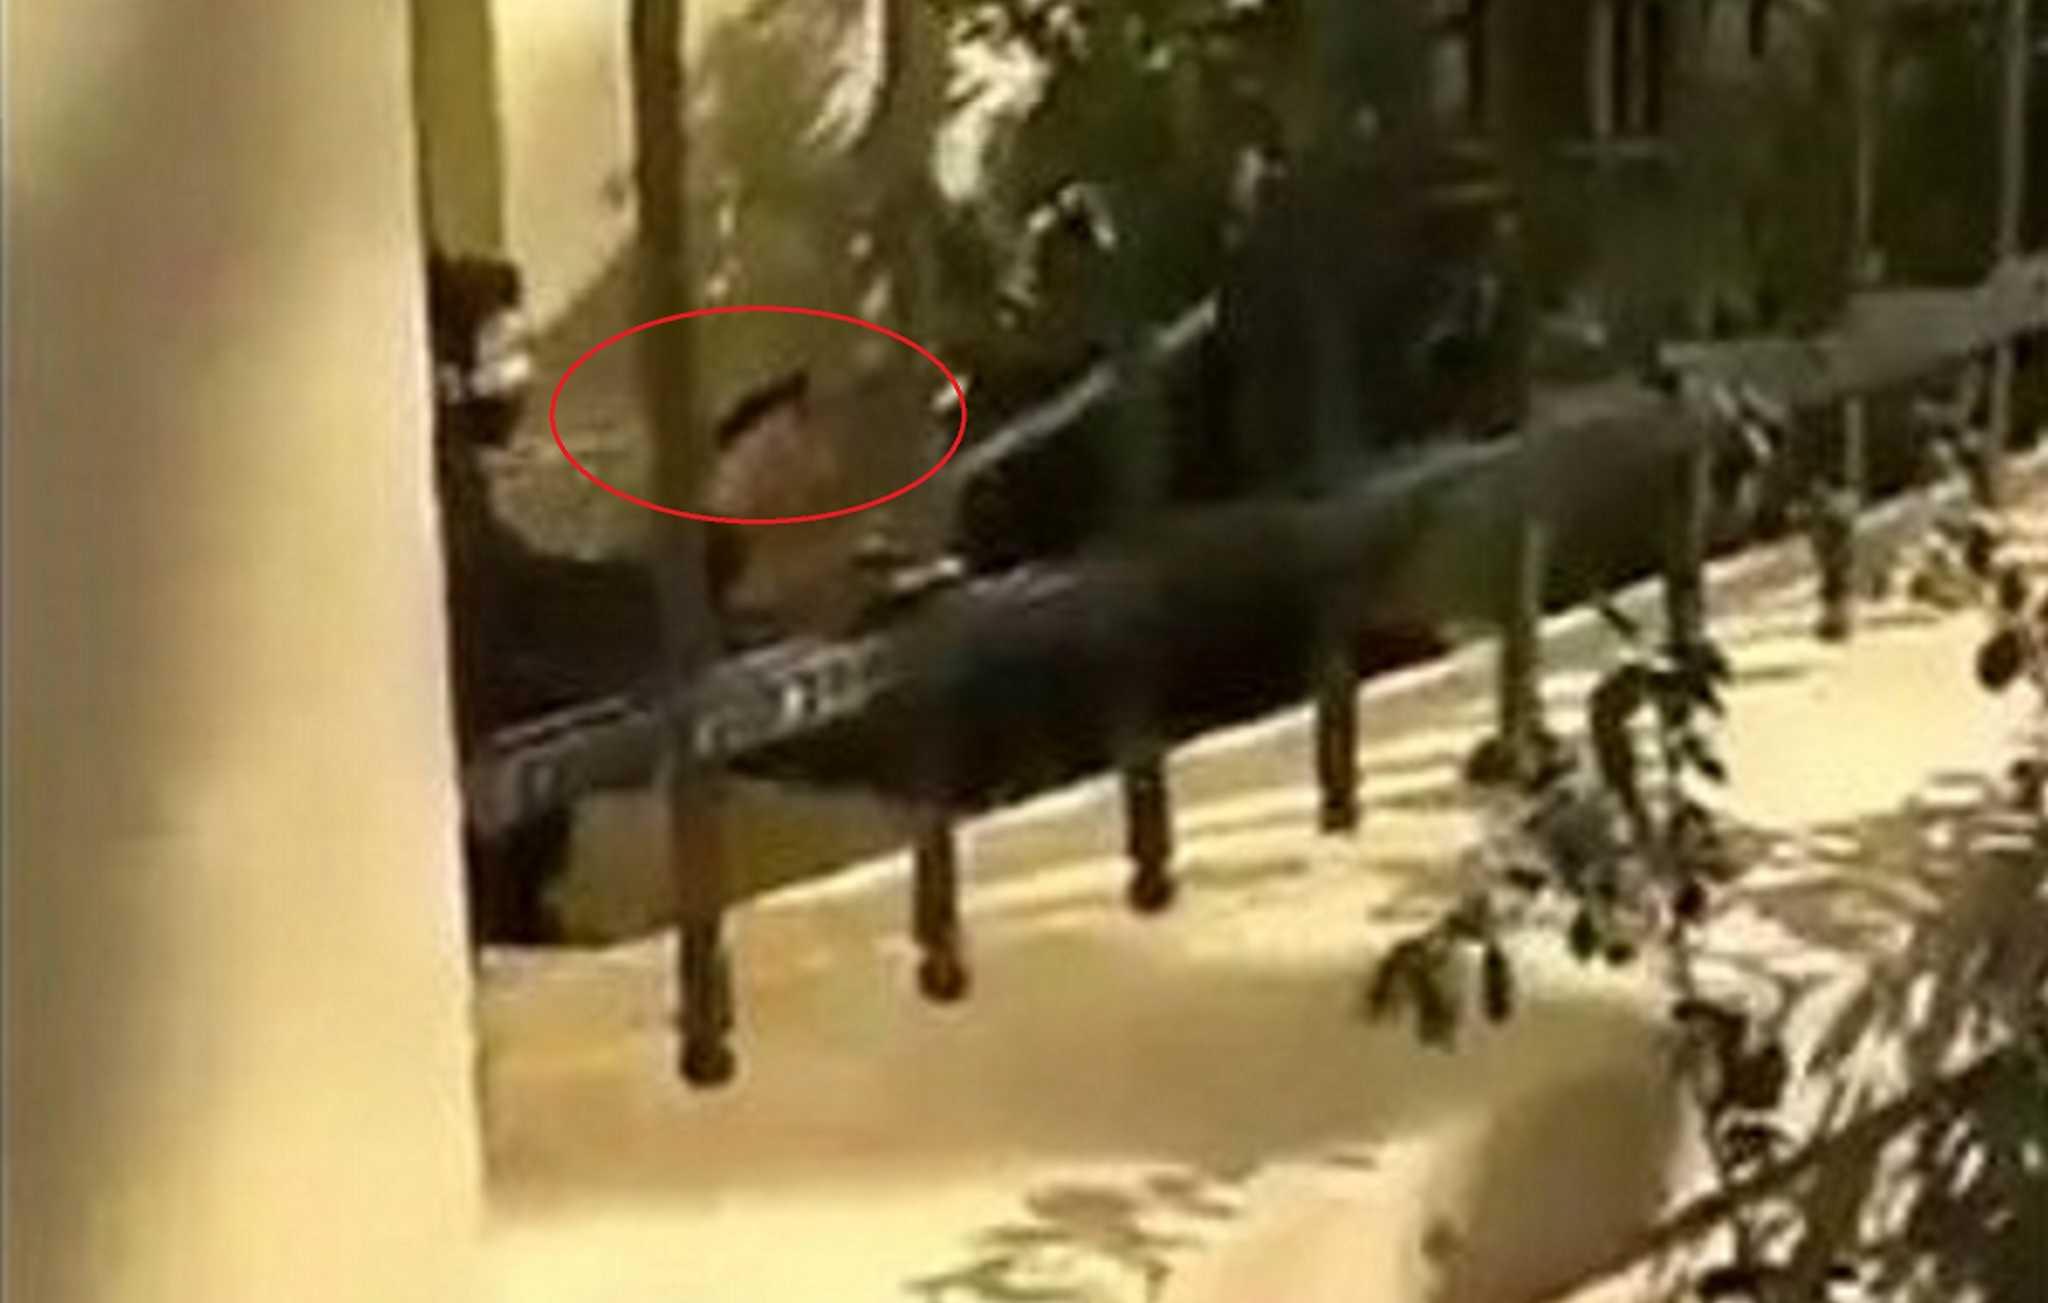 ΕΛΑΣ για το βίντεο που αστυνομικός έβγαλε όπλο σε φοιτητές στην ΑΣΟΕΕ: 30 άτομα τον χτύπησαν και αμύνθηκε